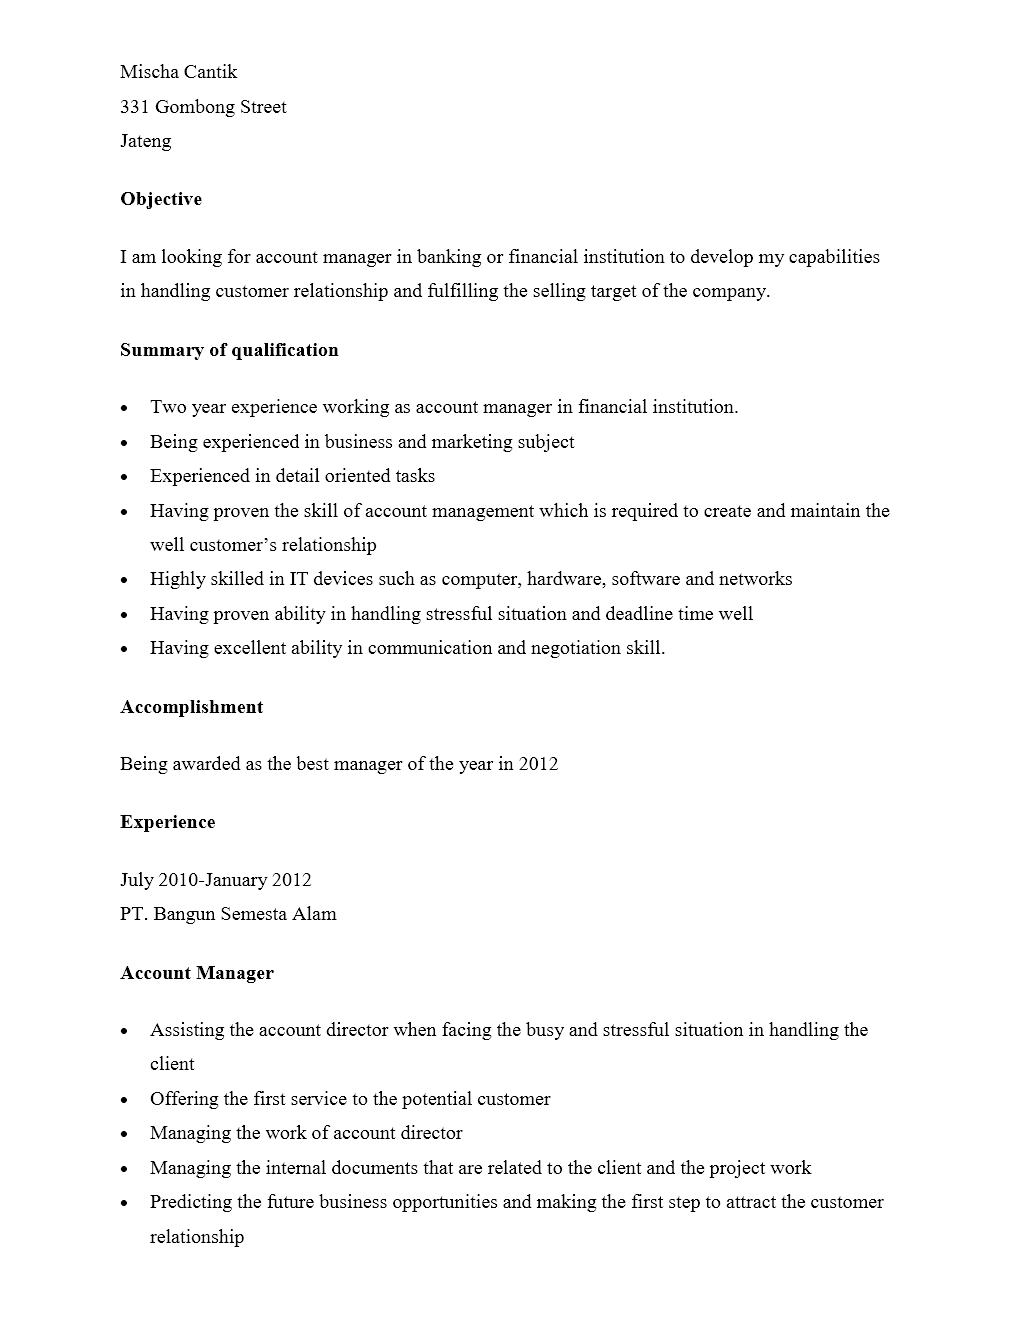 Curriculum Vitae Account Manager Dalam Bahasa Inggris Yang